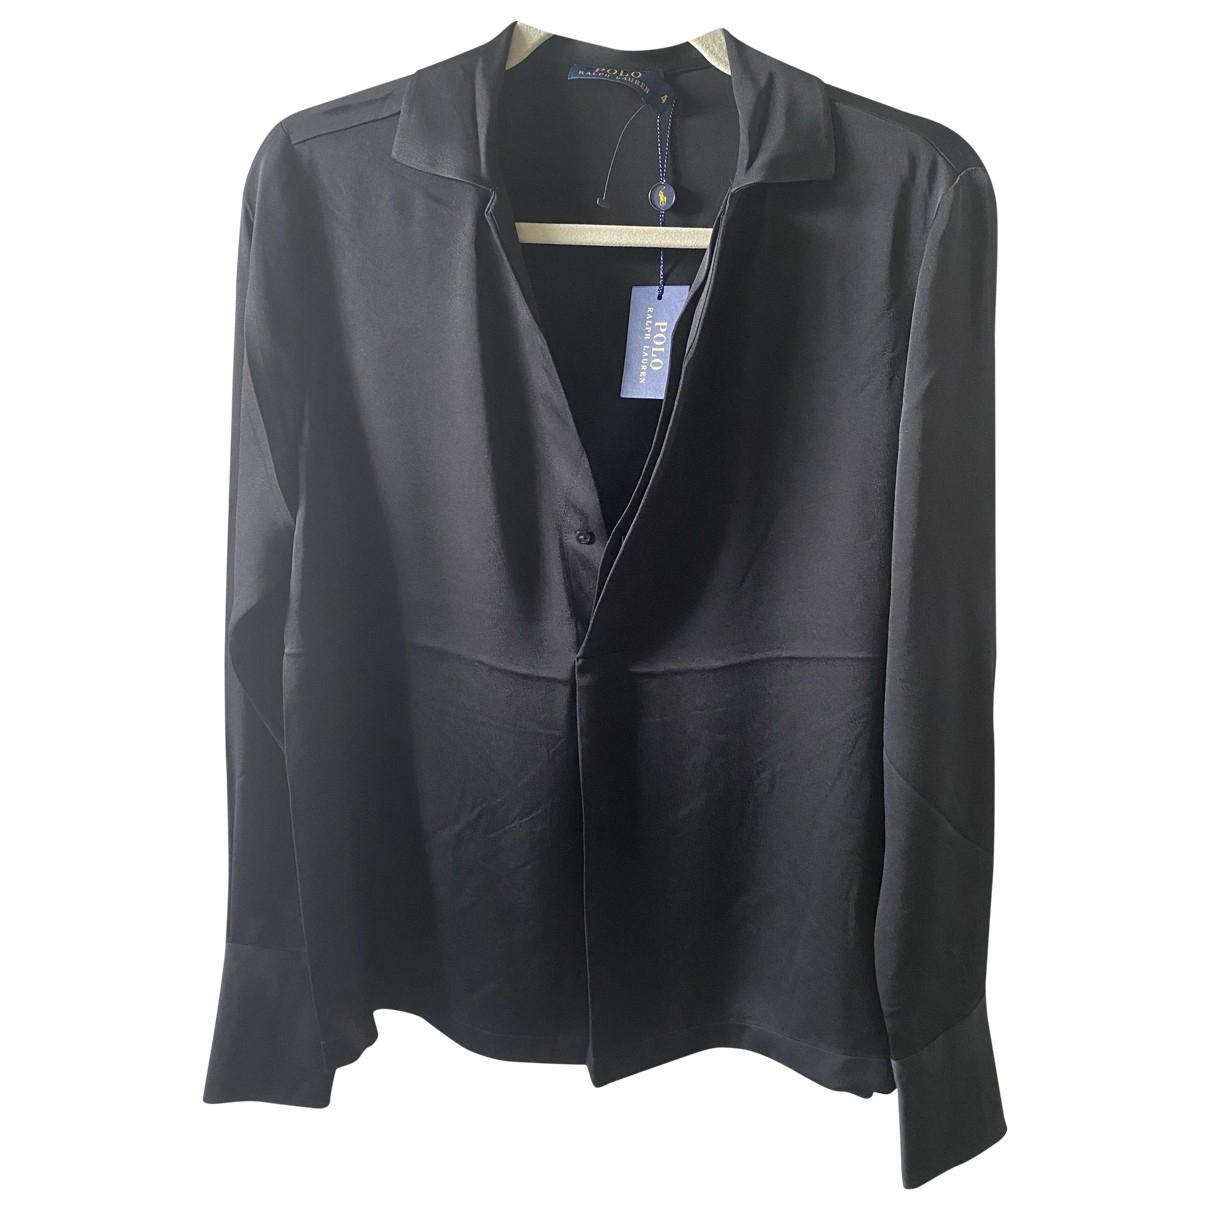 Polo Ralph Lauren \N Black  top for Women 4 US